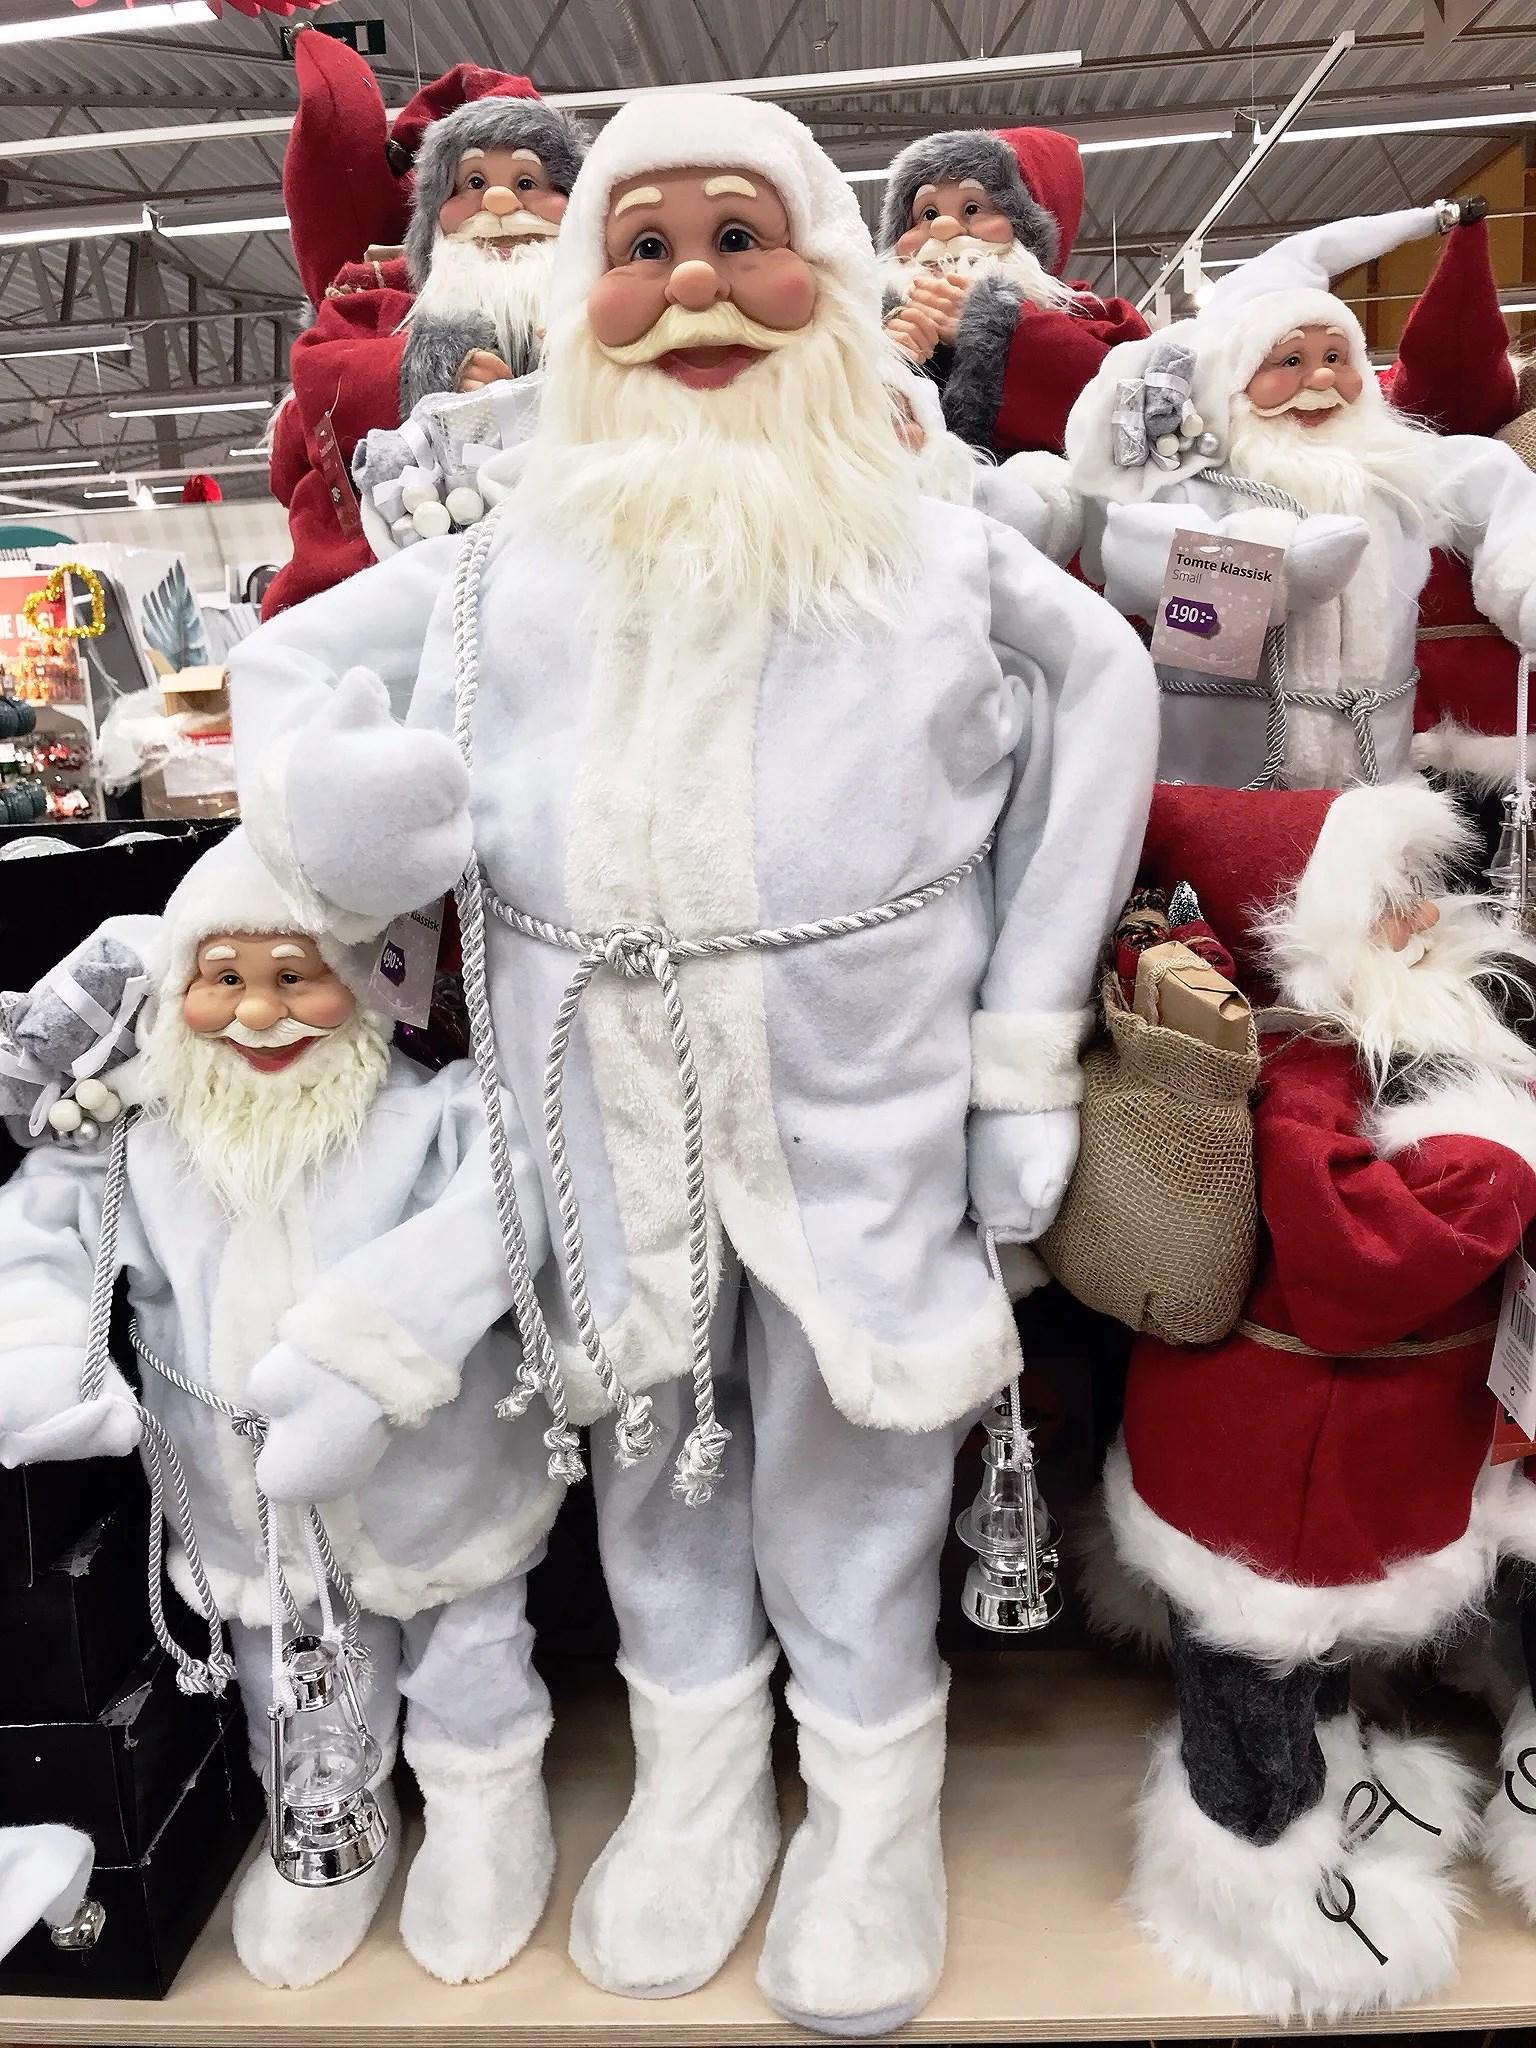 Påbörjat julshoppingen lite smått